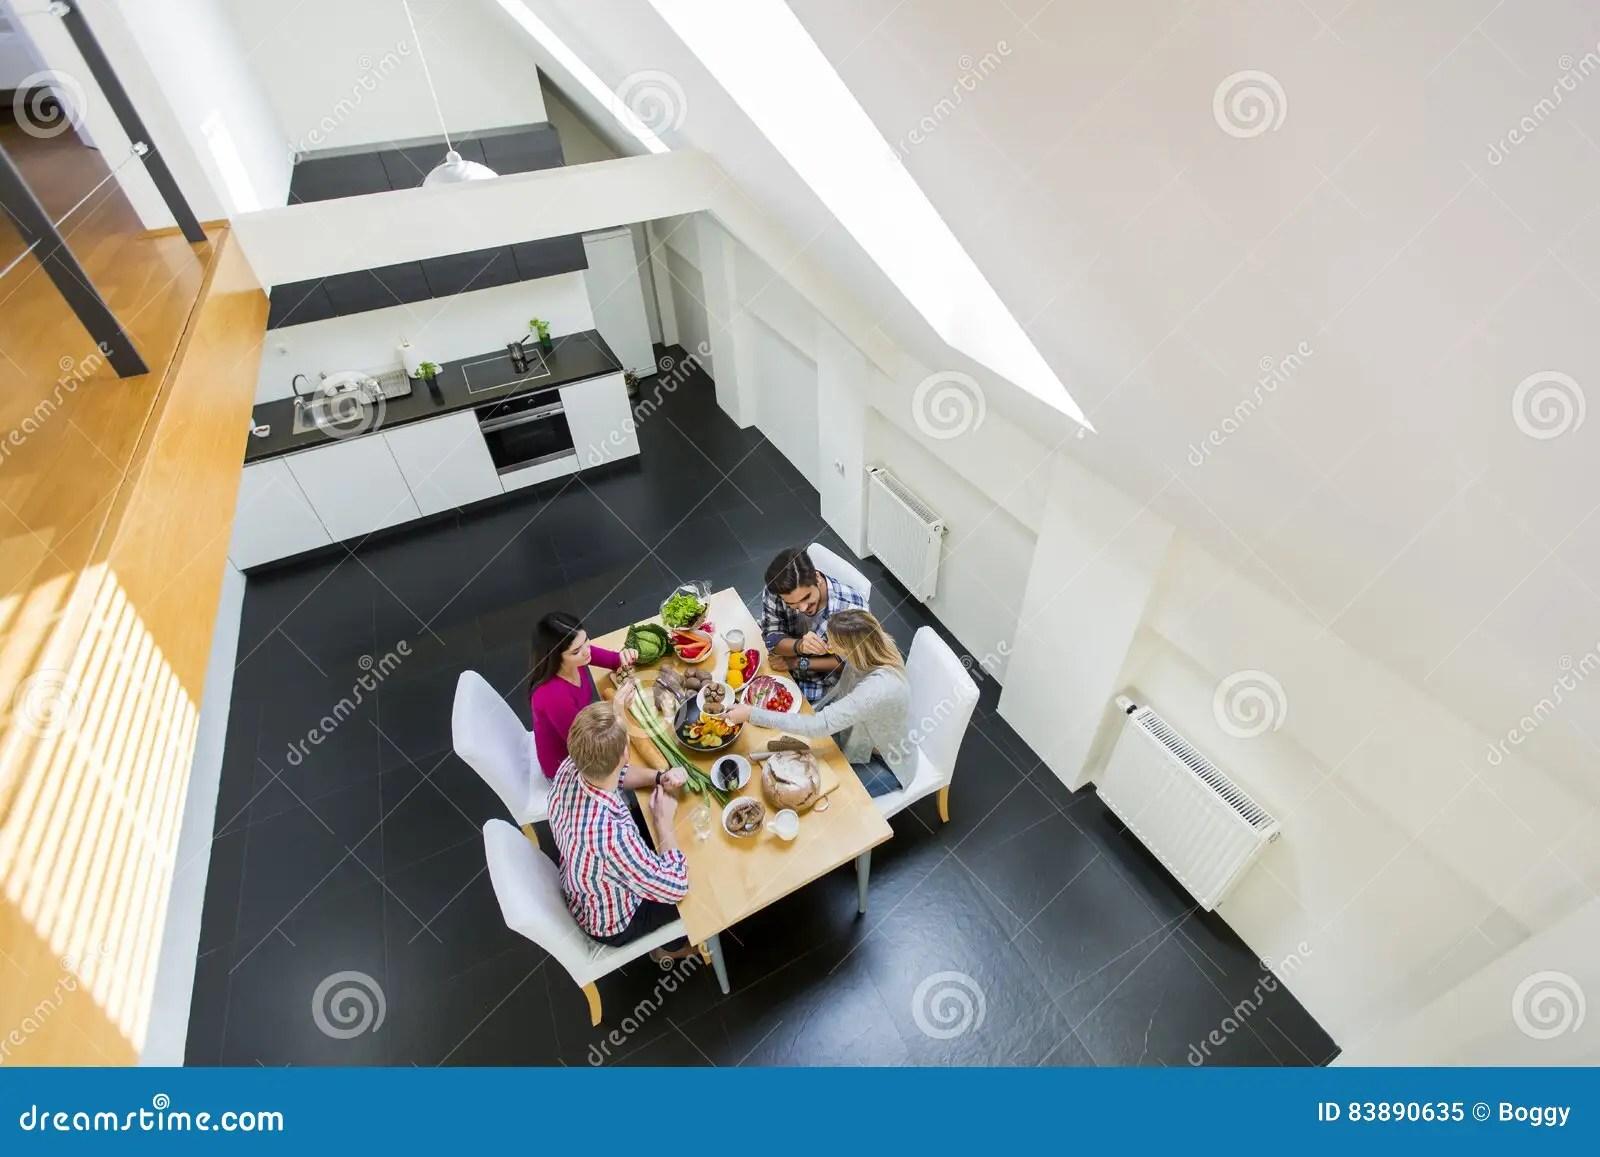 Junge Leute Essen In Der Modernen Kche Zu Abend Stockbild Bild With Junge  Kuche